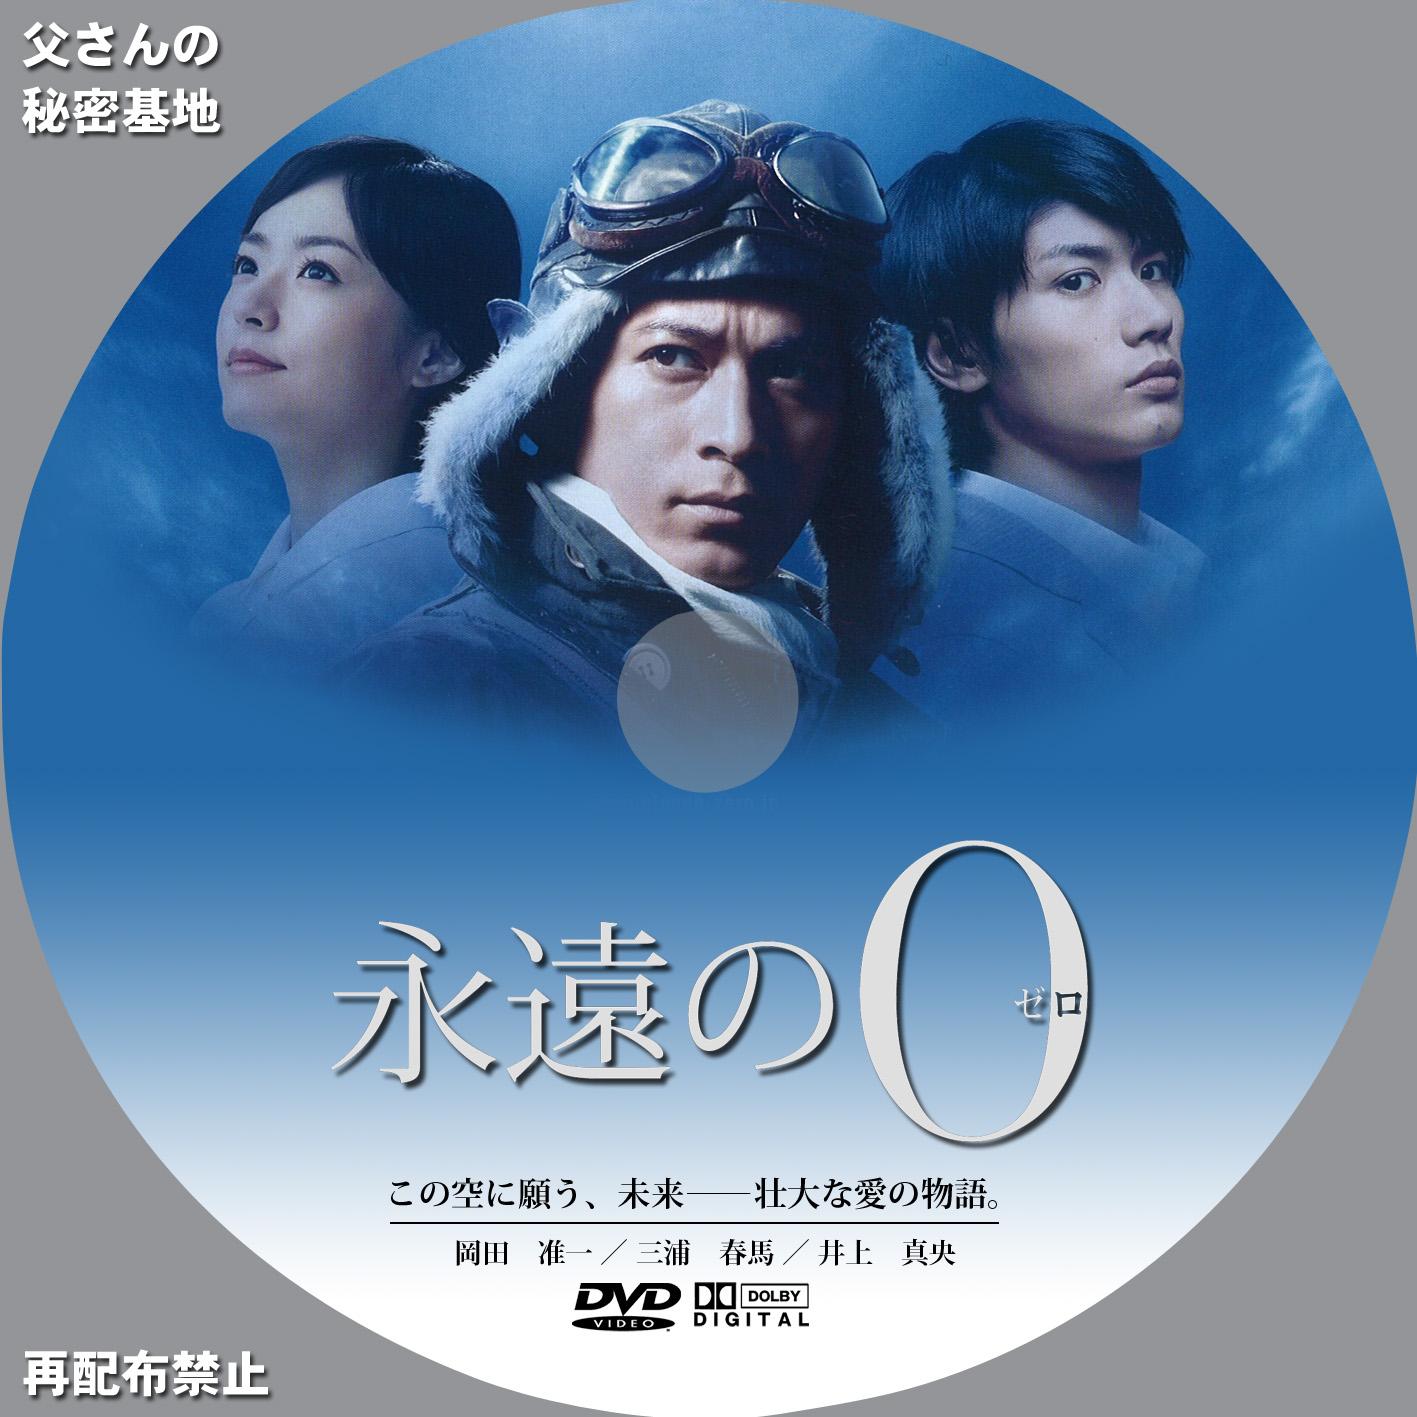 eiennozero01_DVD.jpg